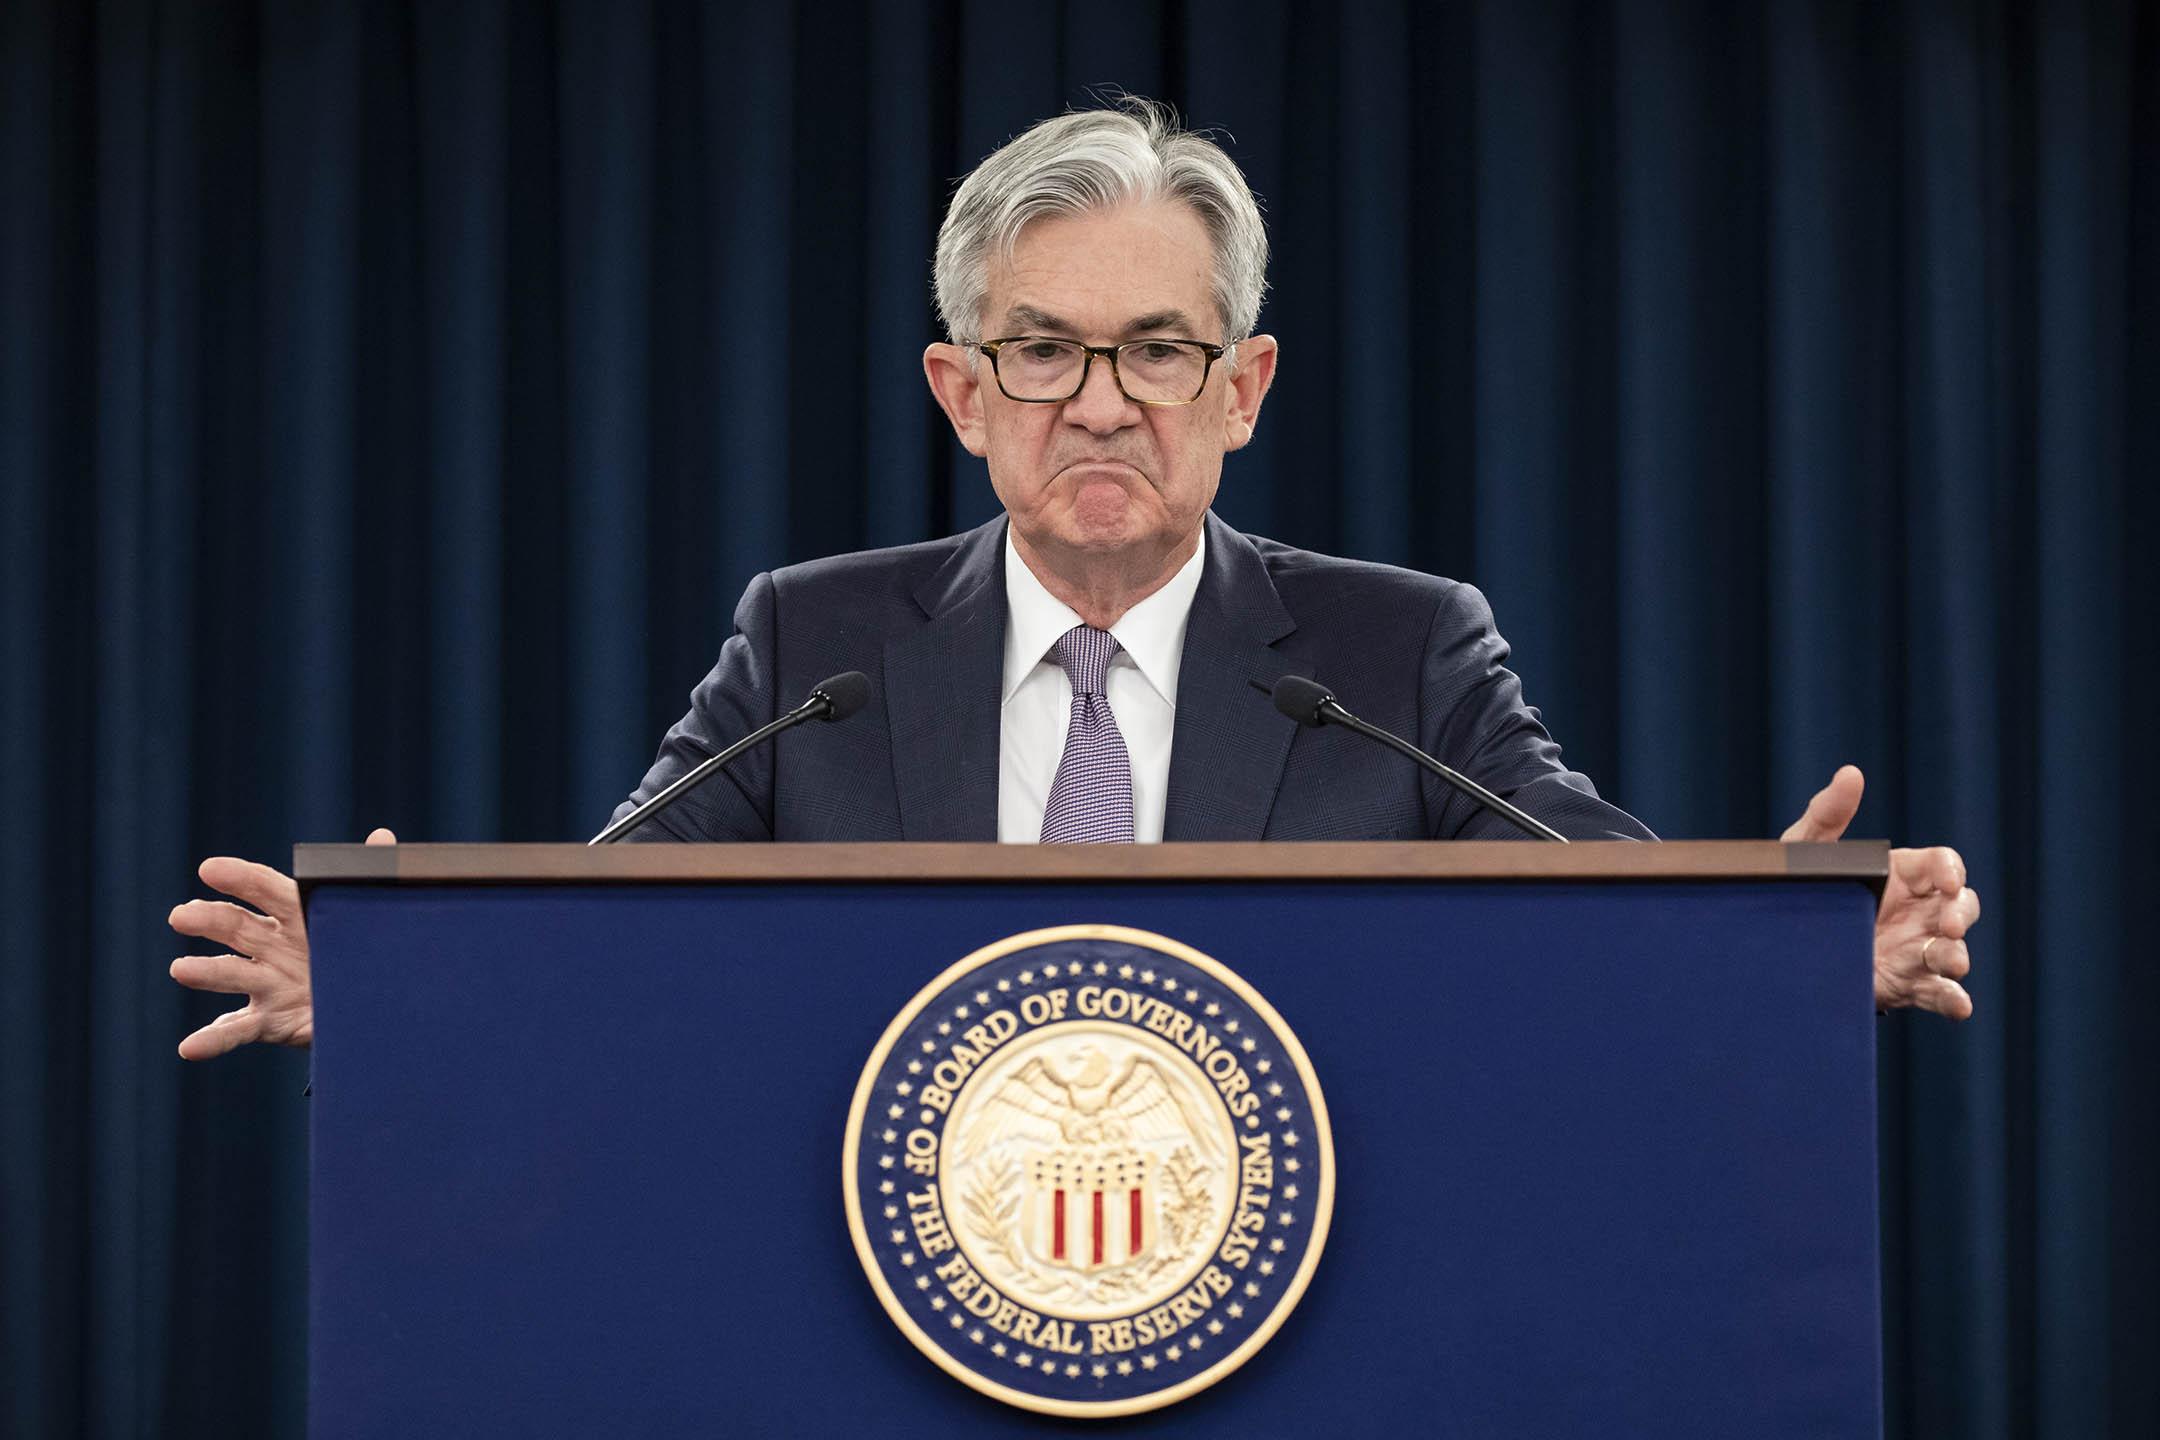 2020年1月29日華盛頓特,美聯儲主席傑洛姆·鮑爾在新聞發布會上講話。